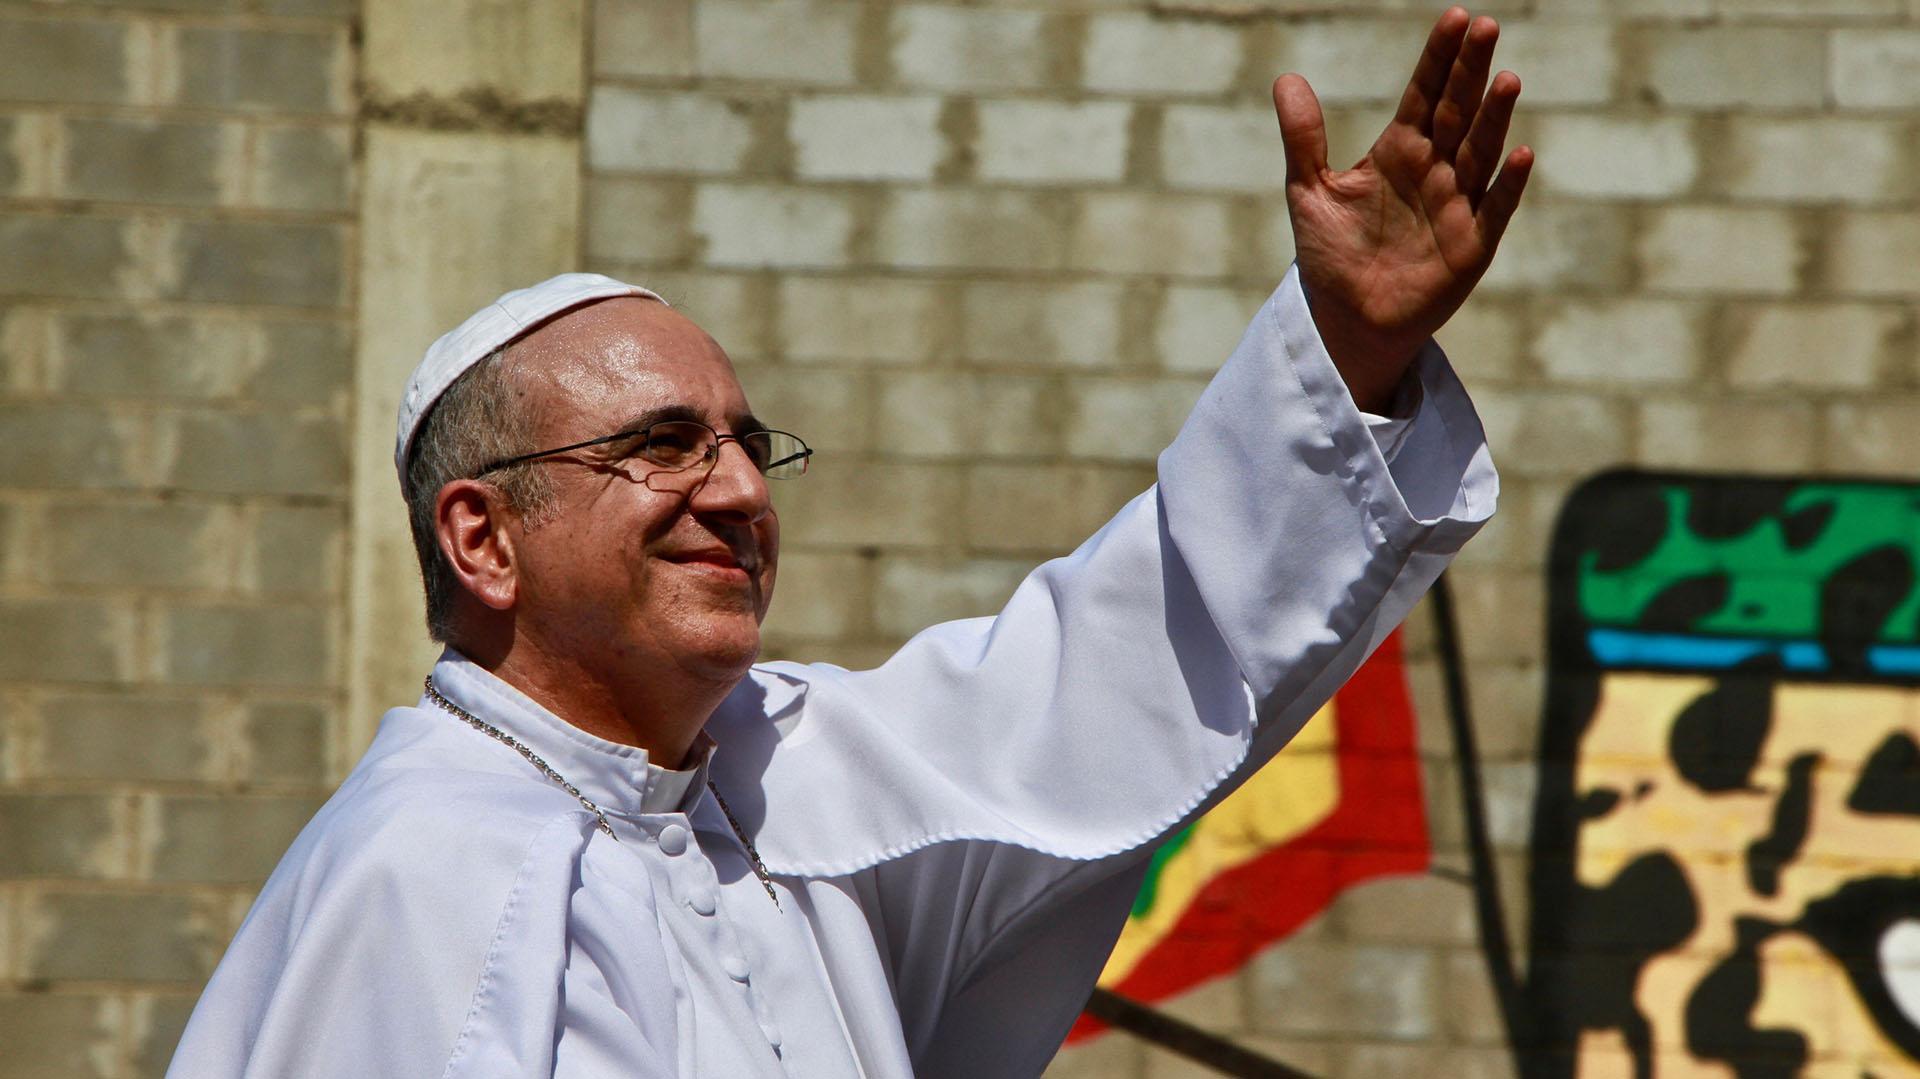 Una versión criolla del papa Francisco recorrió la Vía 40